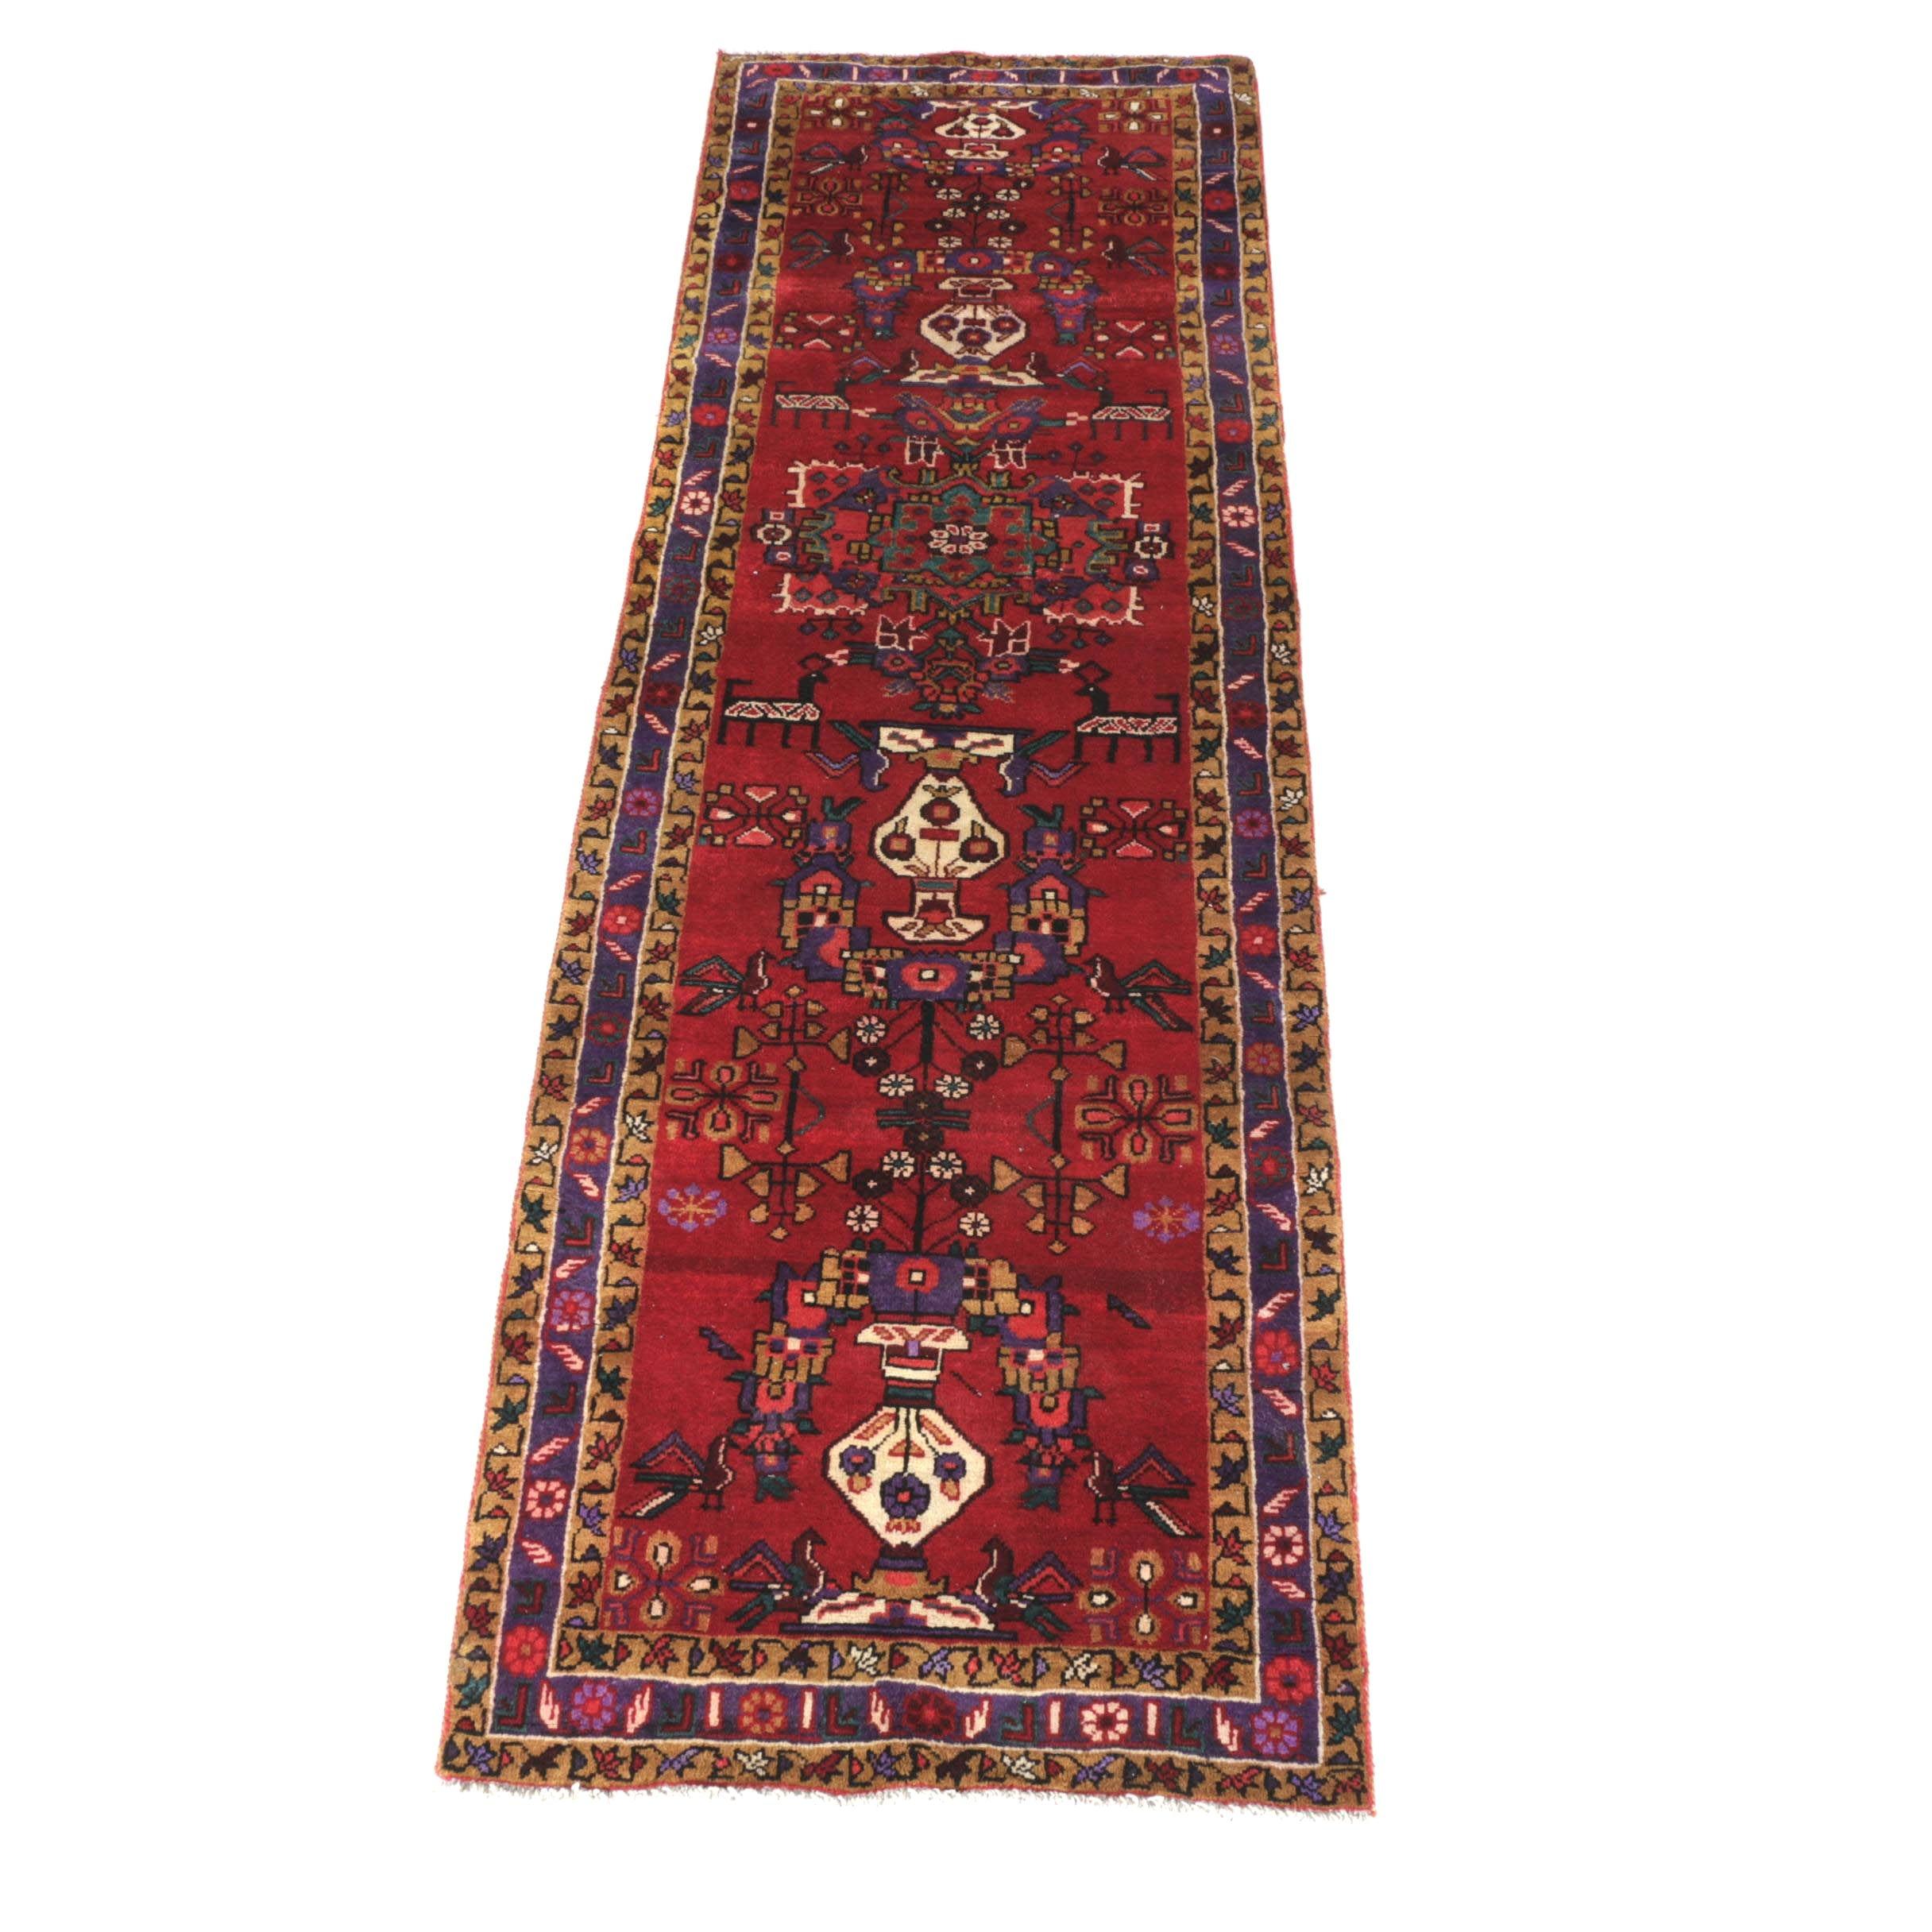 Hand-Knotted Kerman Carpet Runner